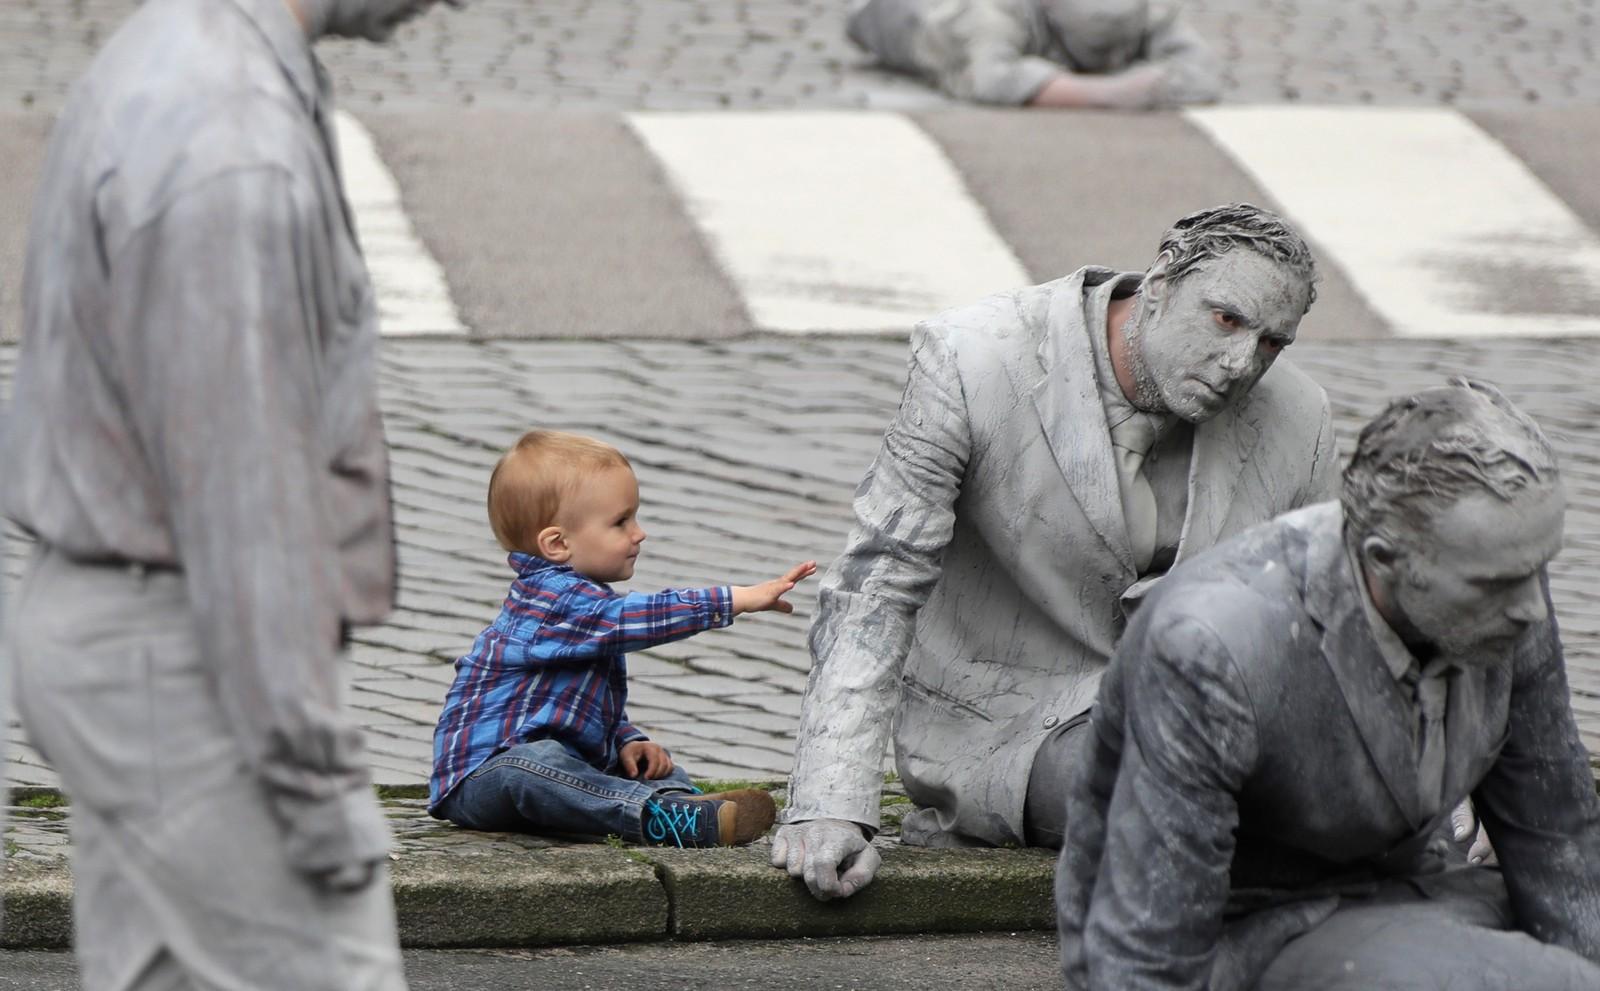 """En liten gutt prøver, kanskje litt spent, å ta på en av deltagerne i performance-verket """"1000 gestalten"""" (1000 former). De utøvende bevegde seg stille og sakte gjennom Hamburgs gater i protest mot G20-møtet onsdag denne uka."""